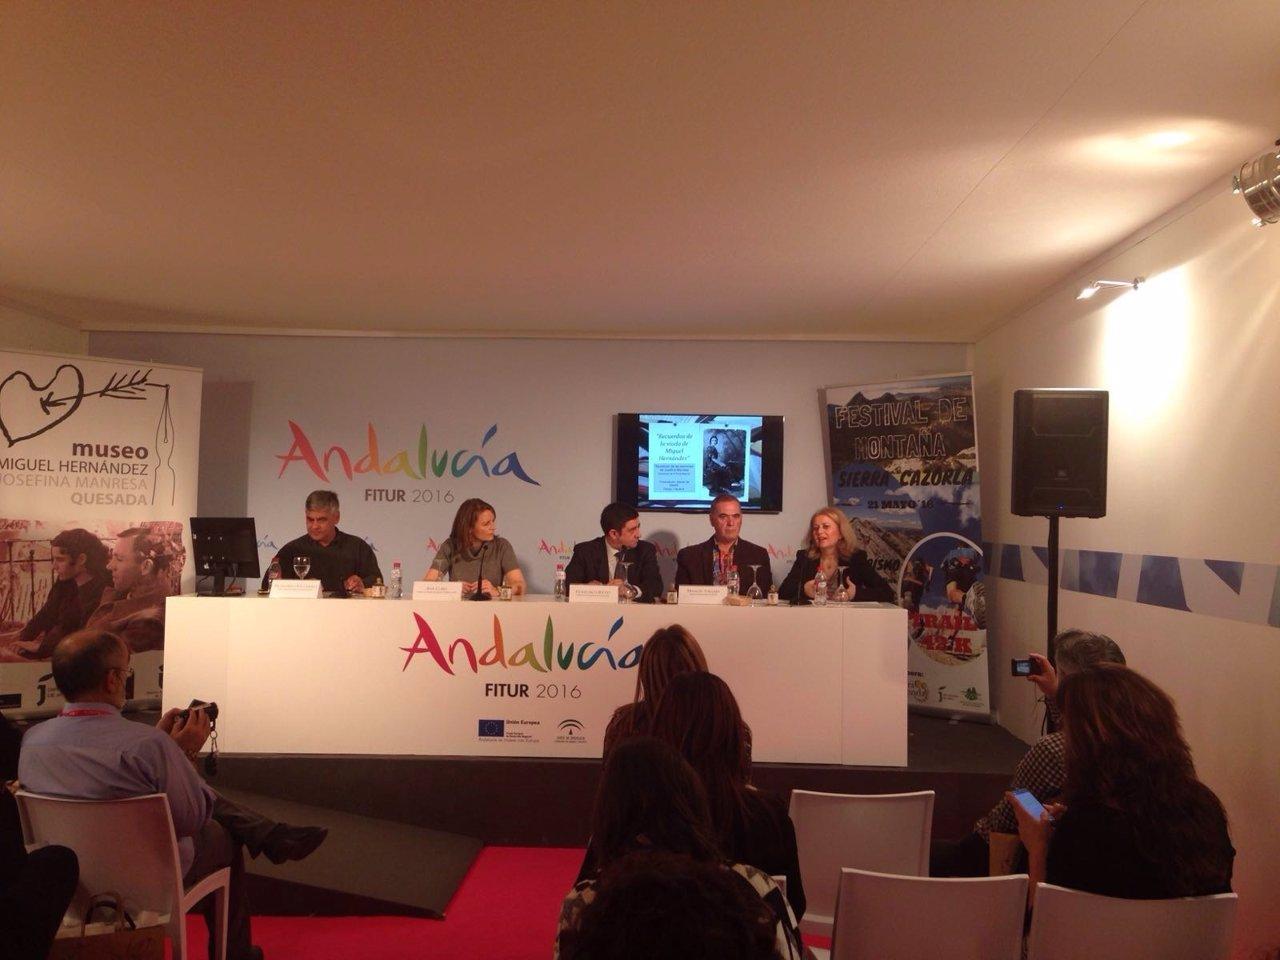 Presentación de los actos del centenario de Manresa y Rodríguez Aguilera.